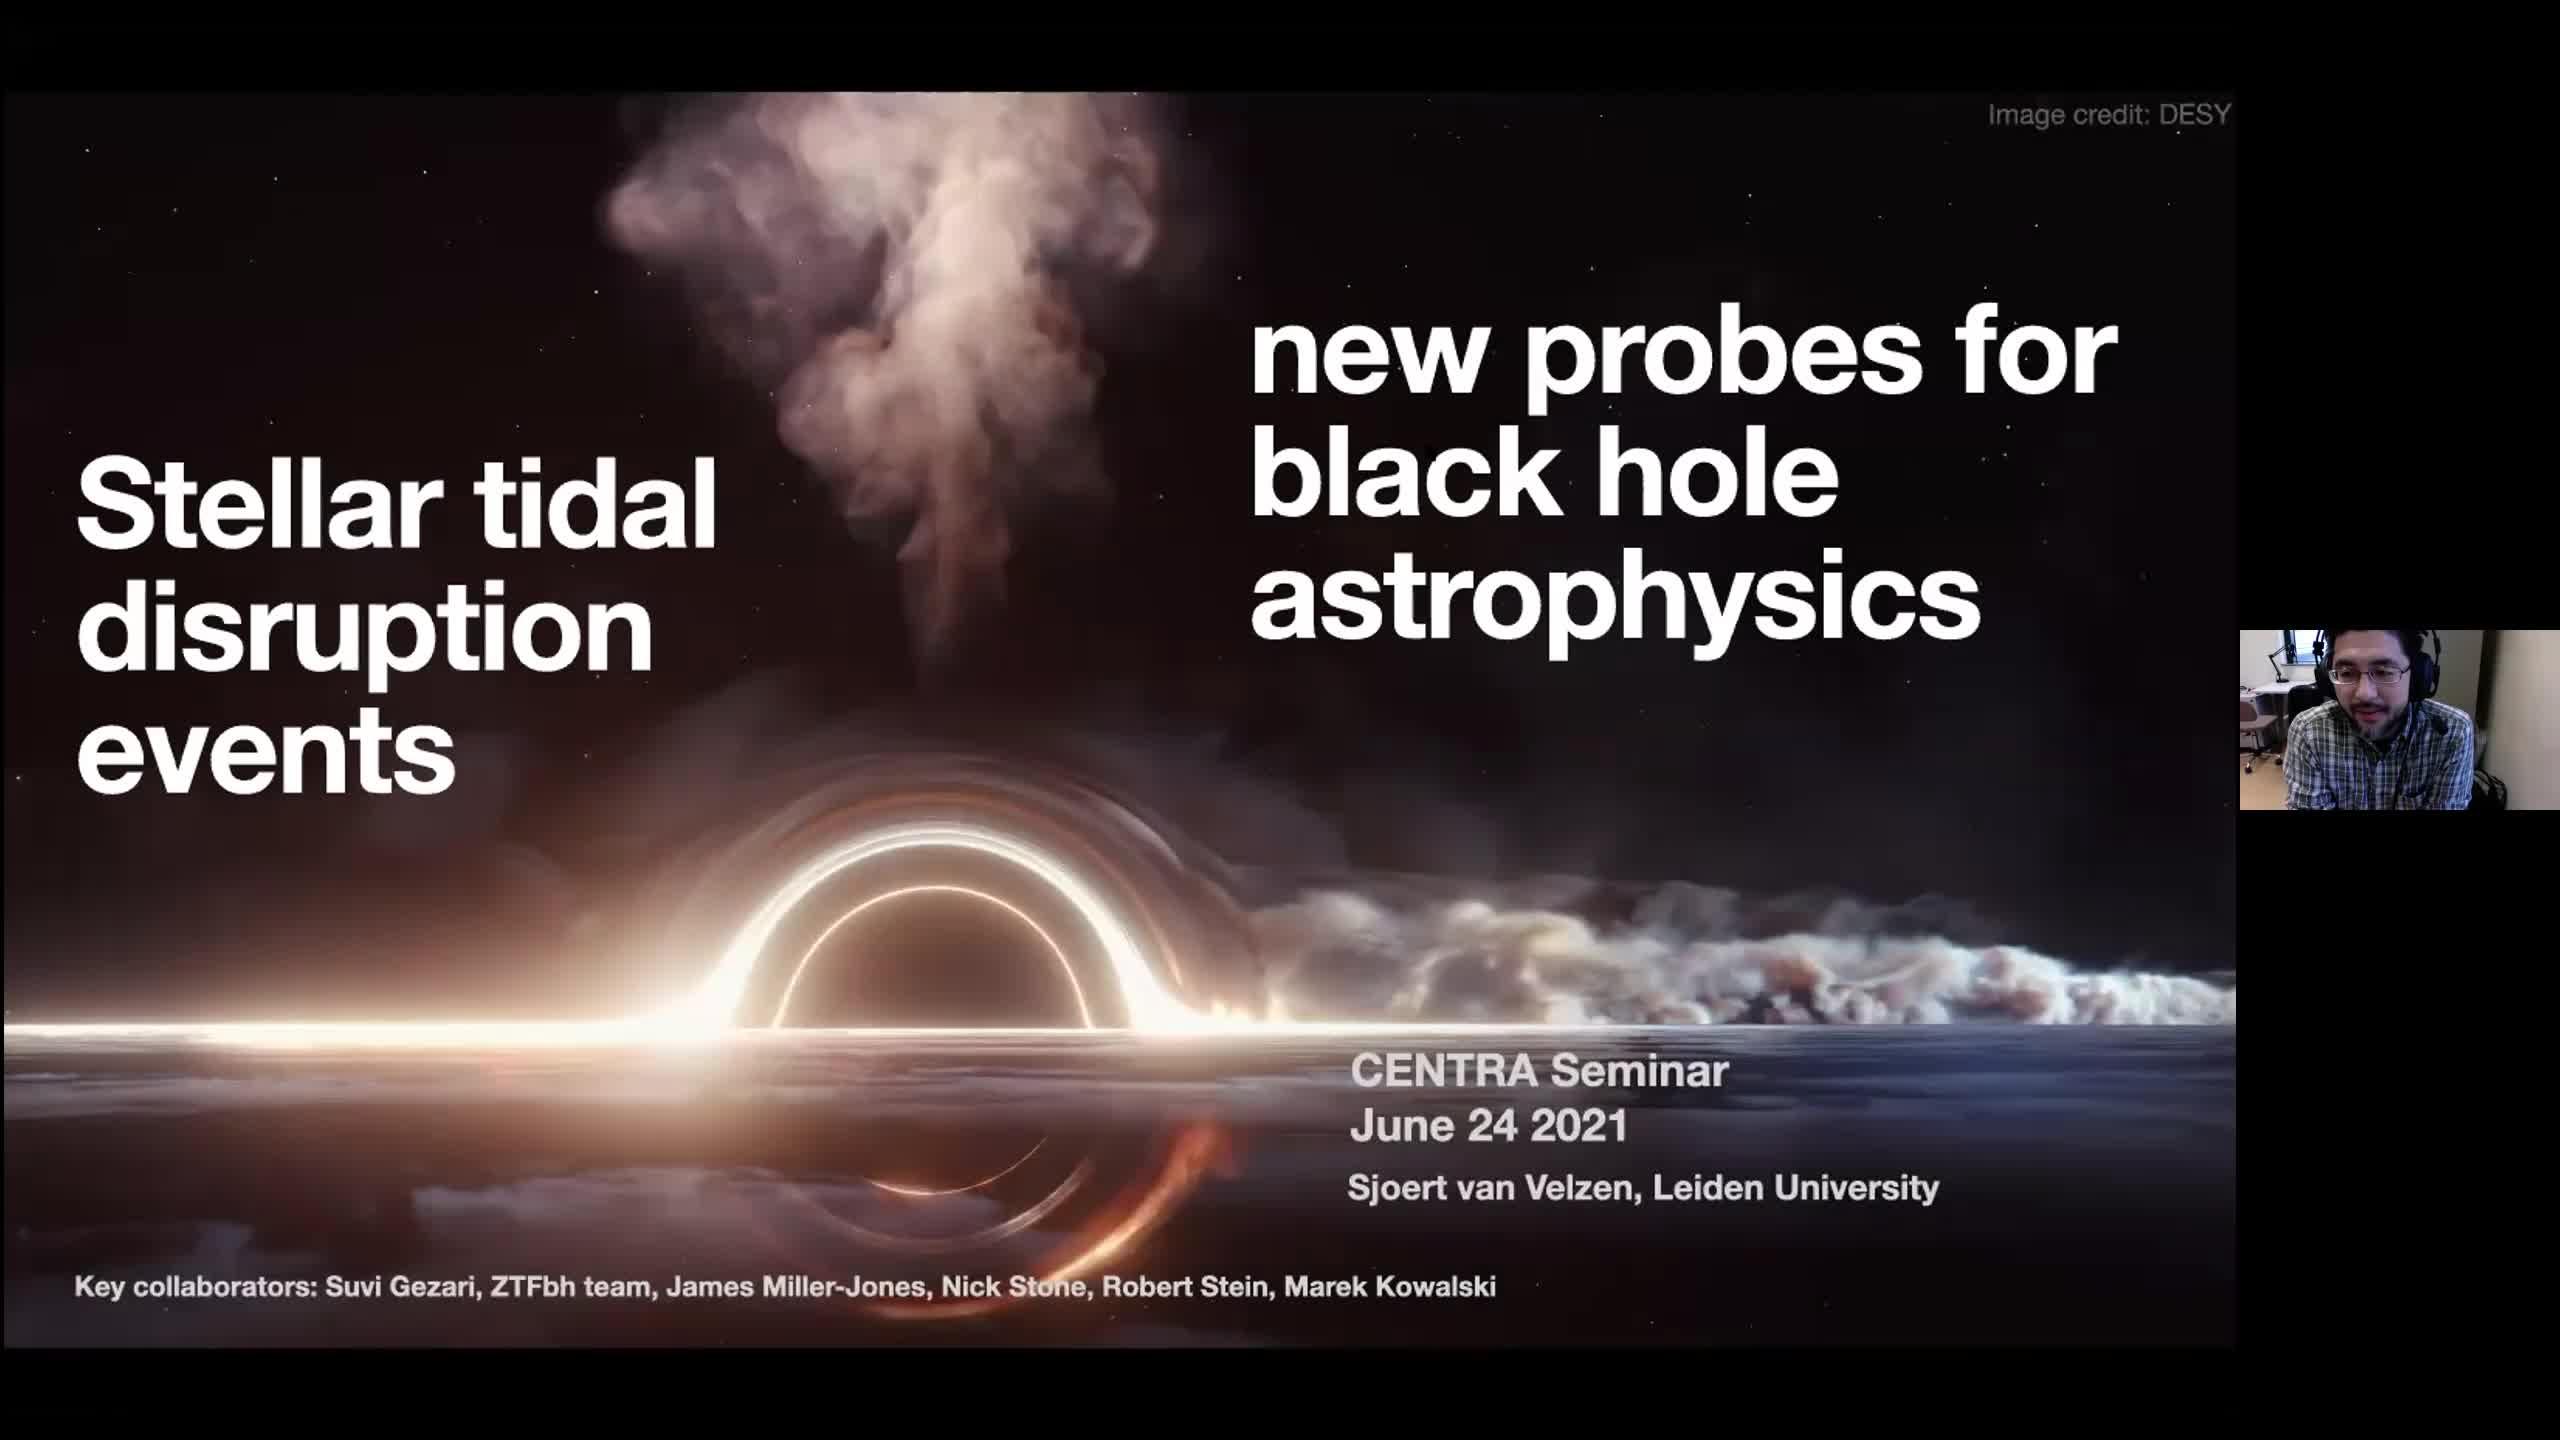 2021-06-24 Stellar tidal disruption events